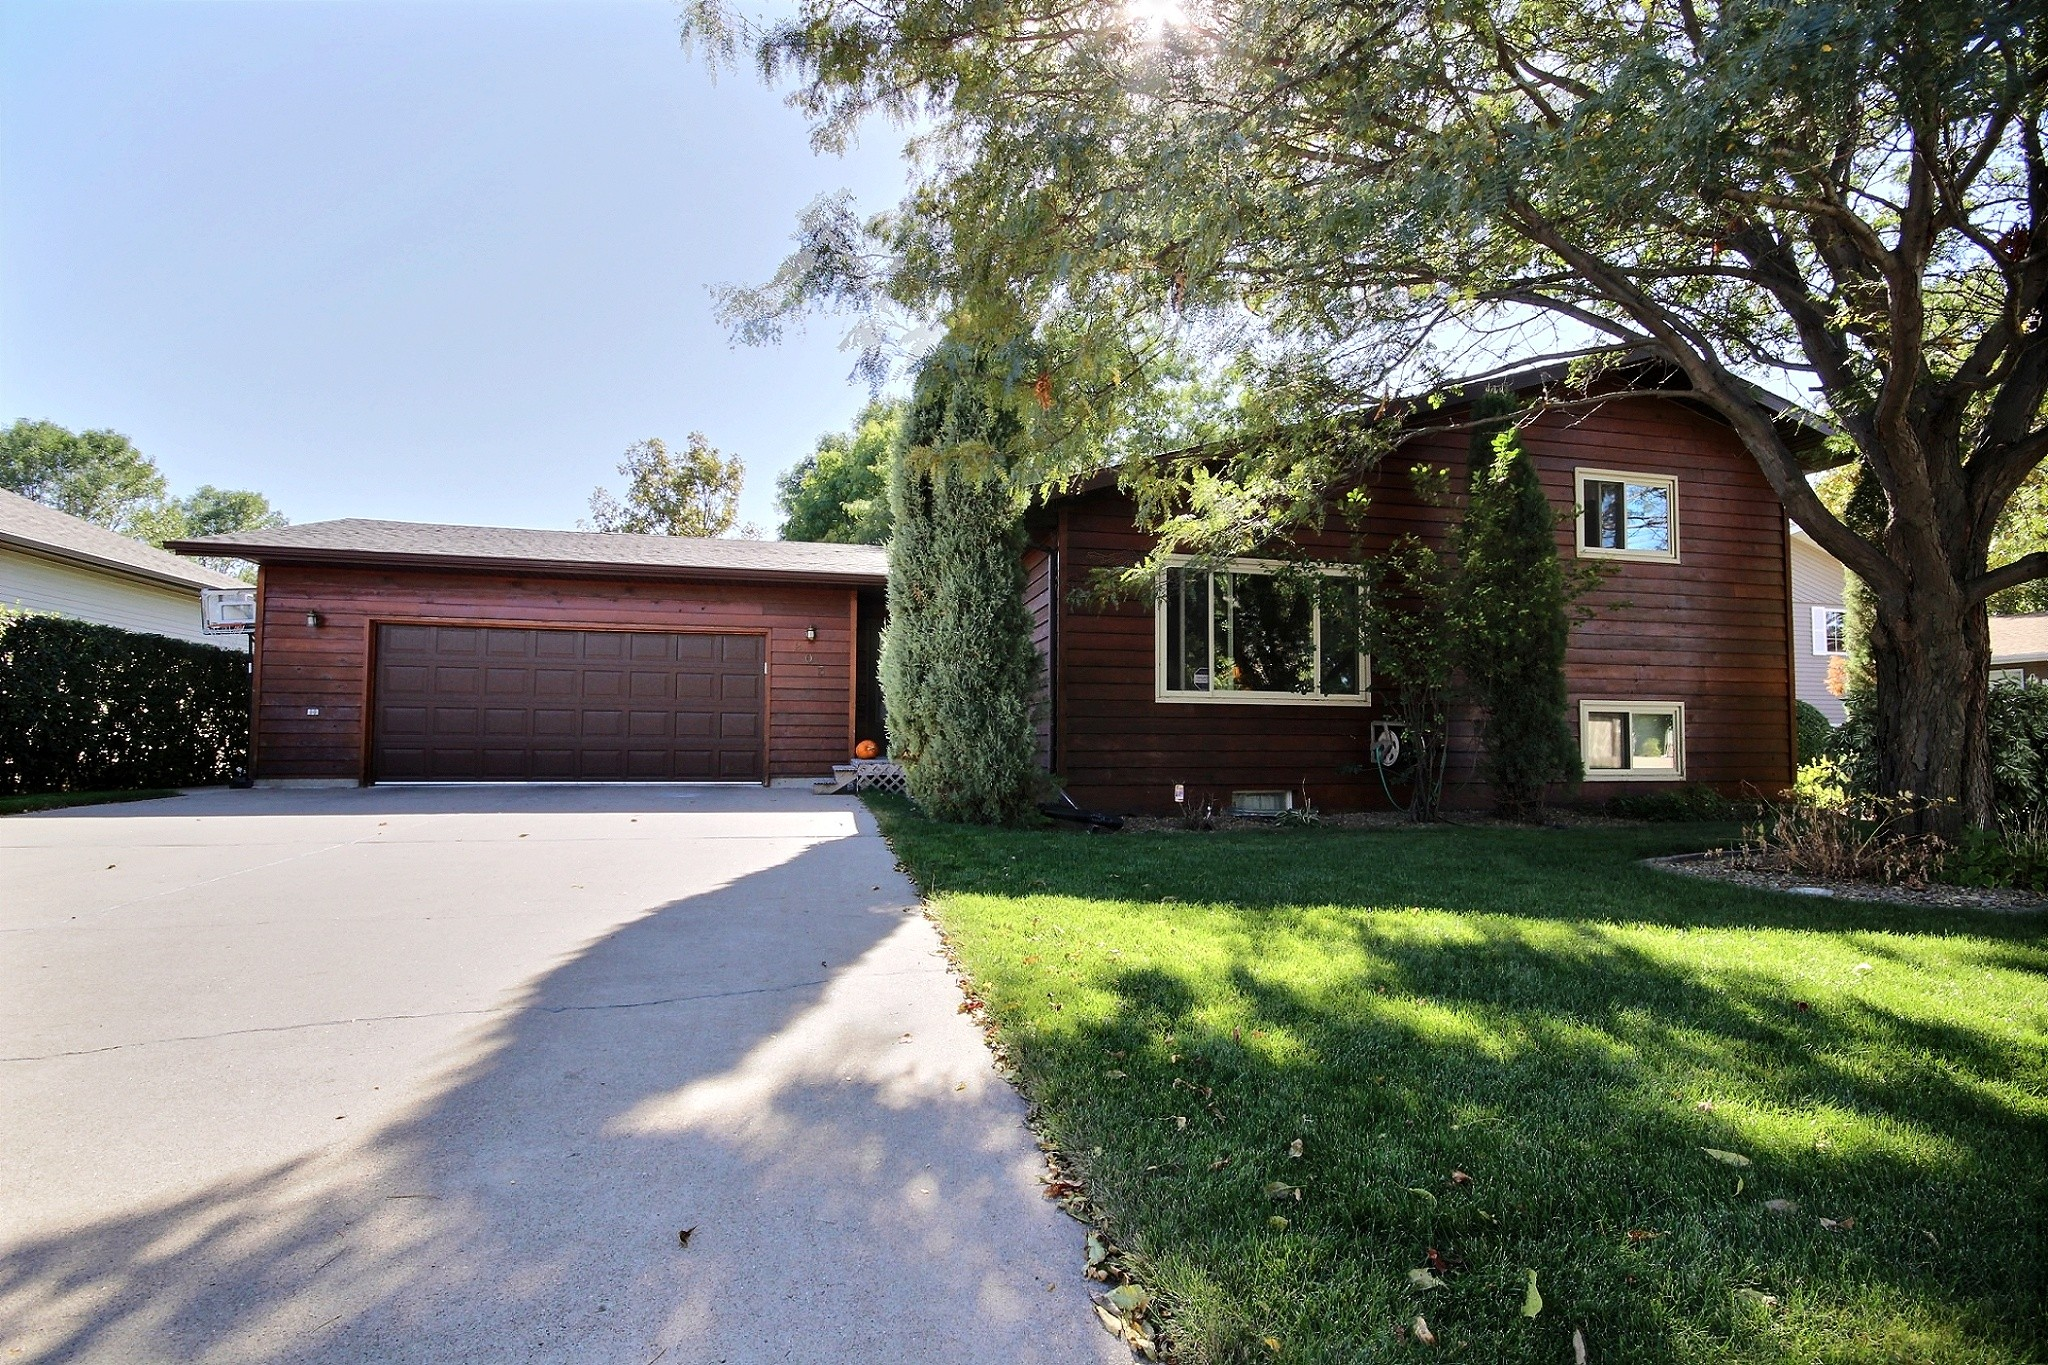 203 W Wachter Ave, Bismarck, North Dakota 58504